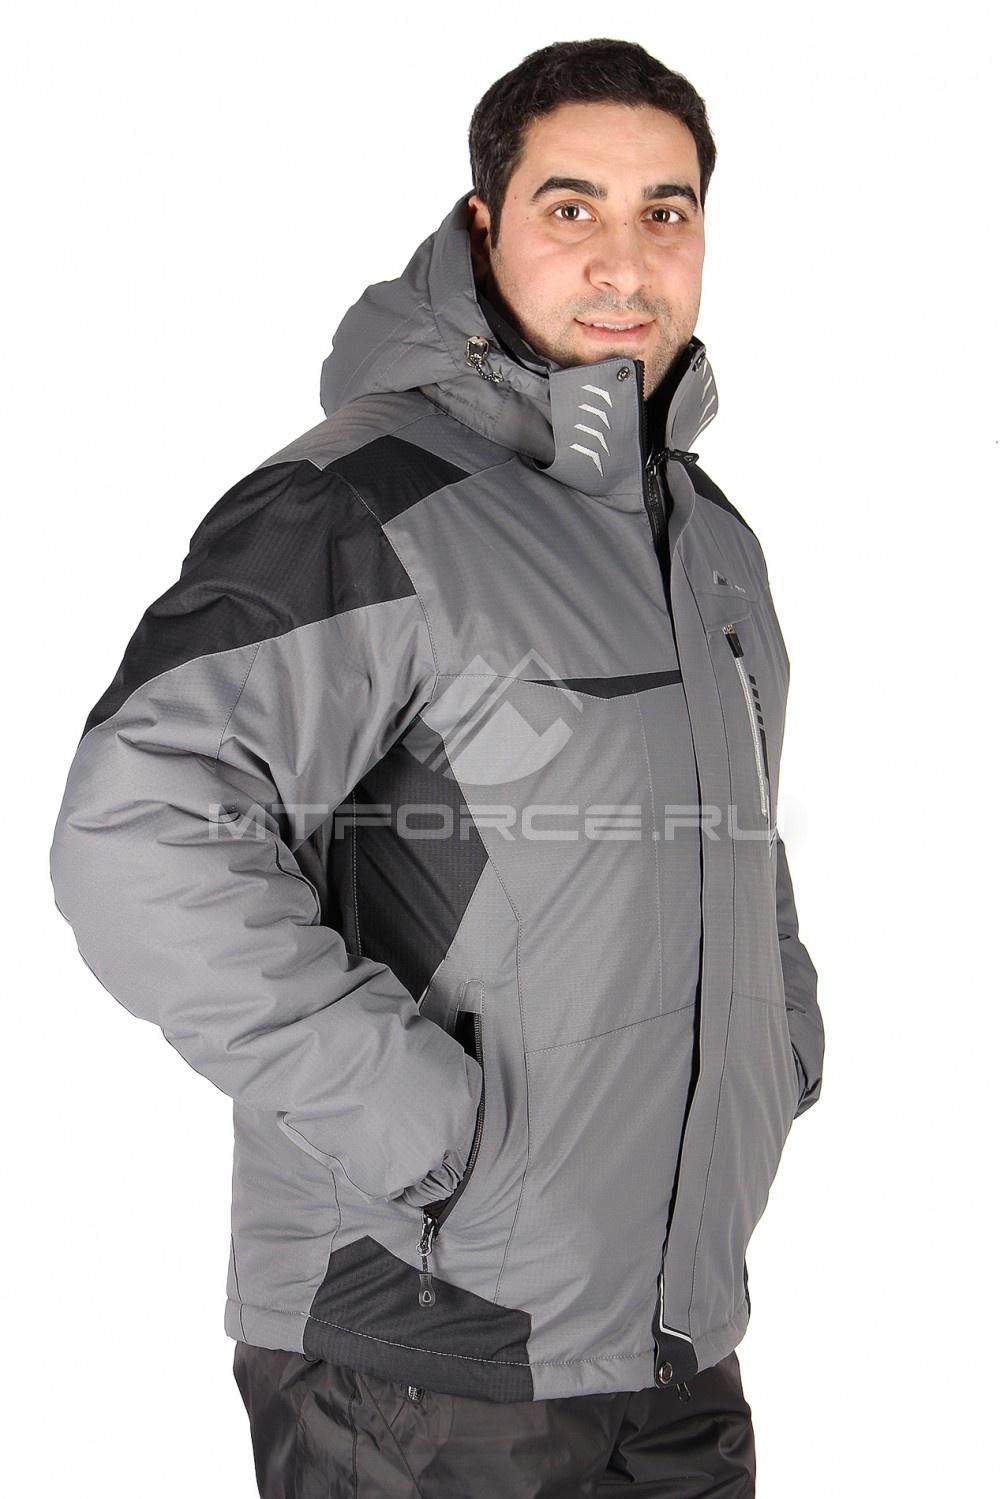 Купить  оптом Куртка горнолыжная мужская серого цвета 1553Sr в Санкт-Петербурге